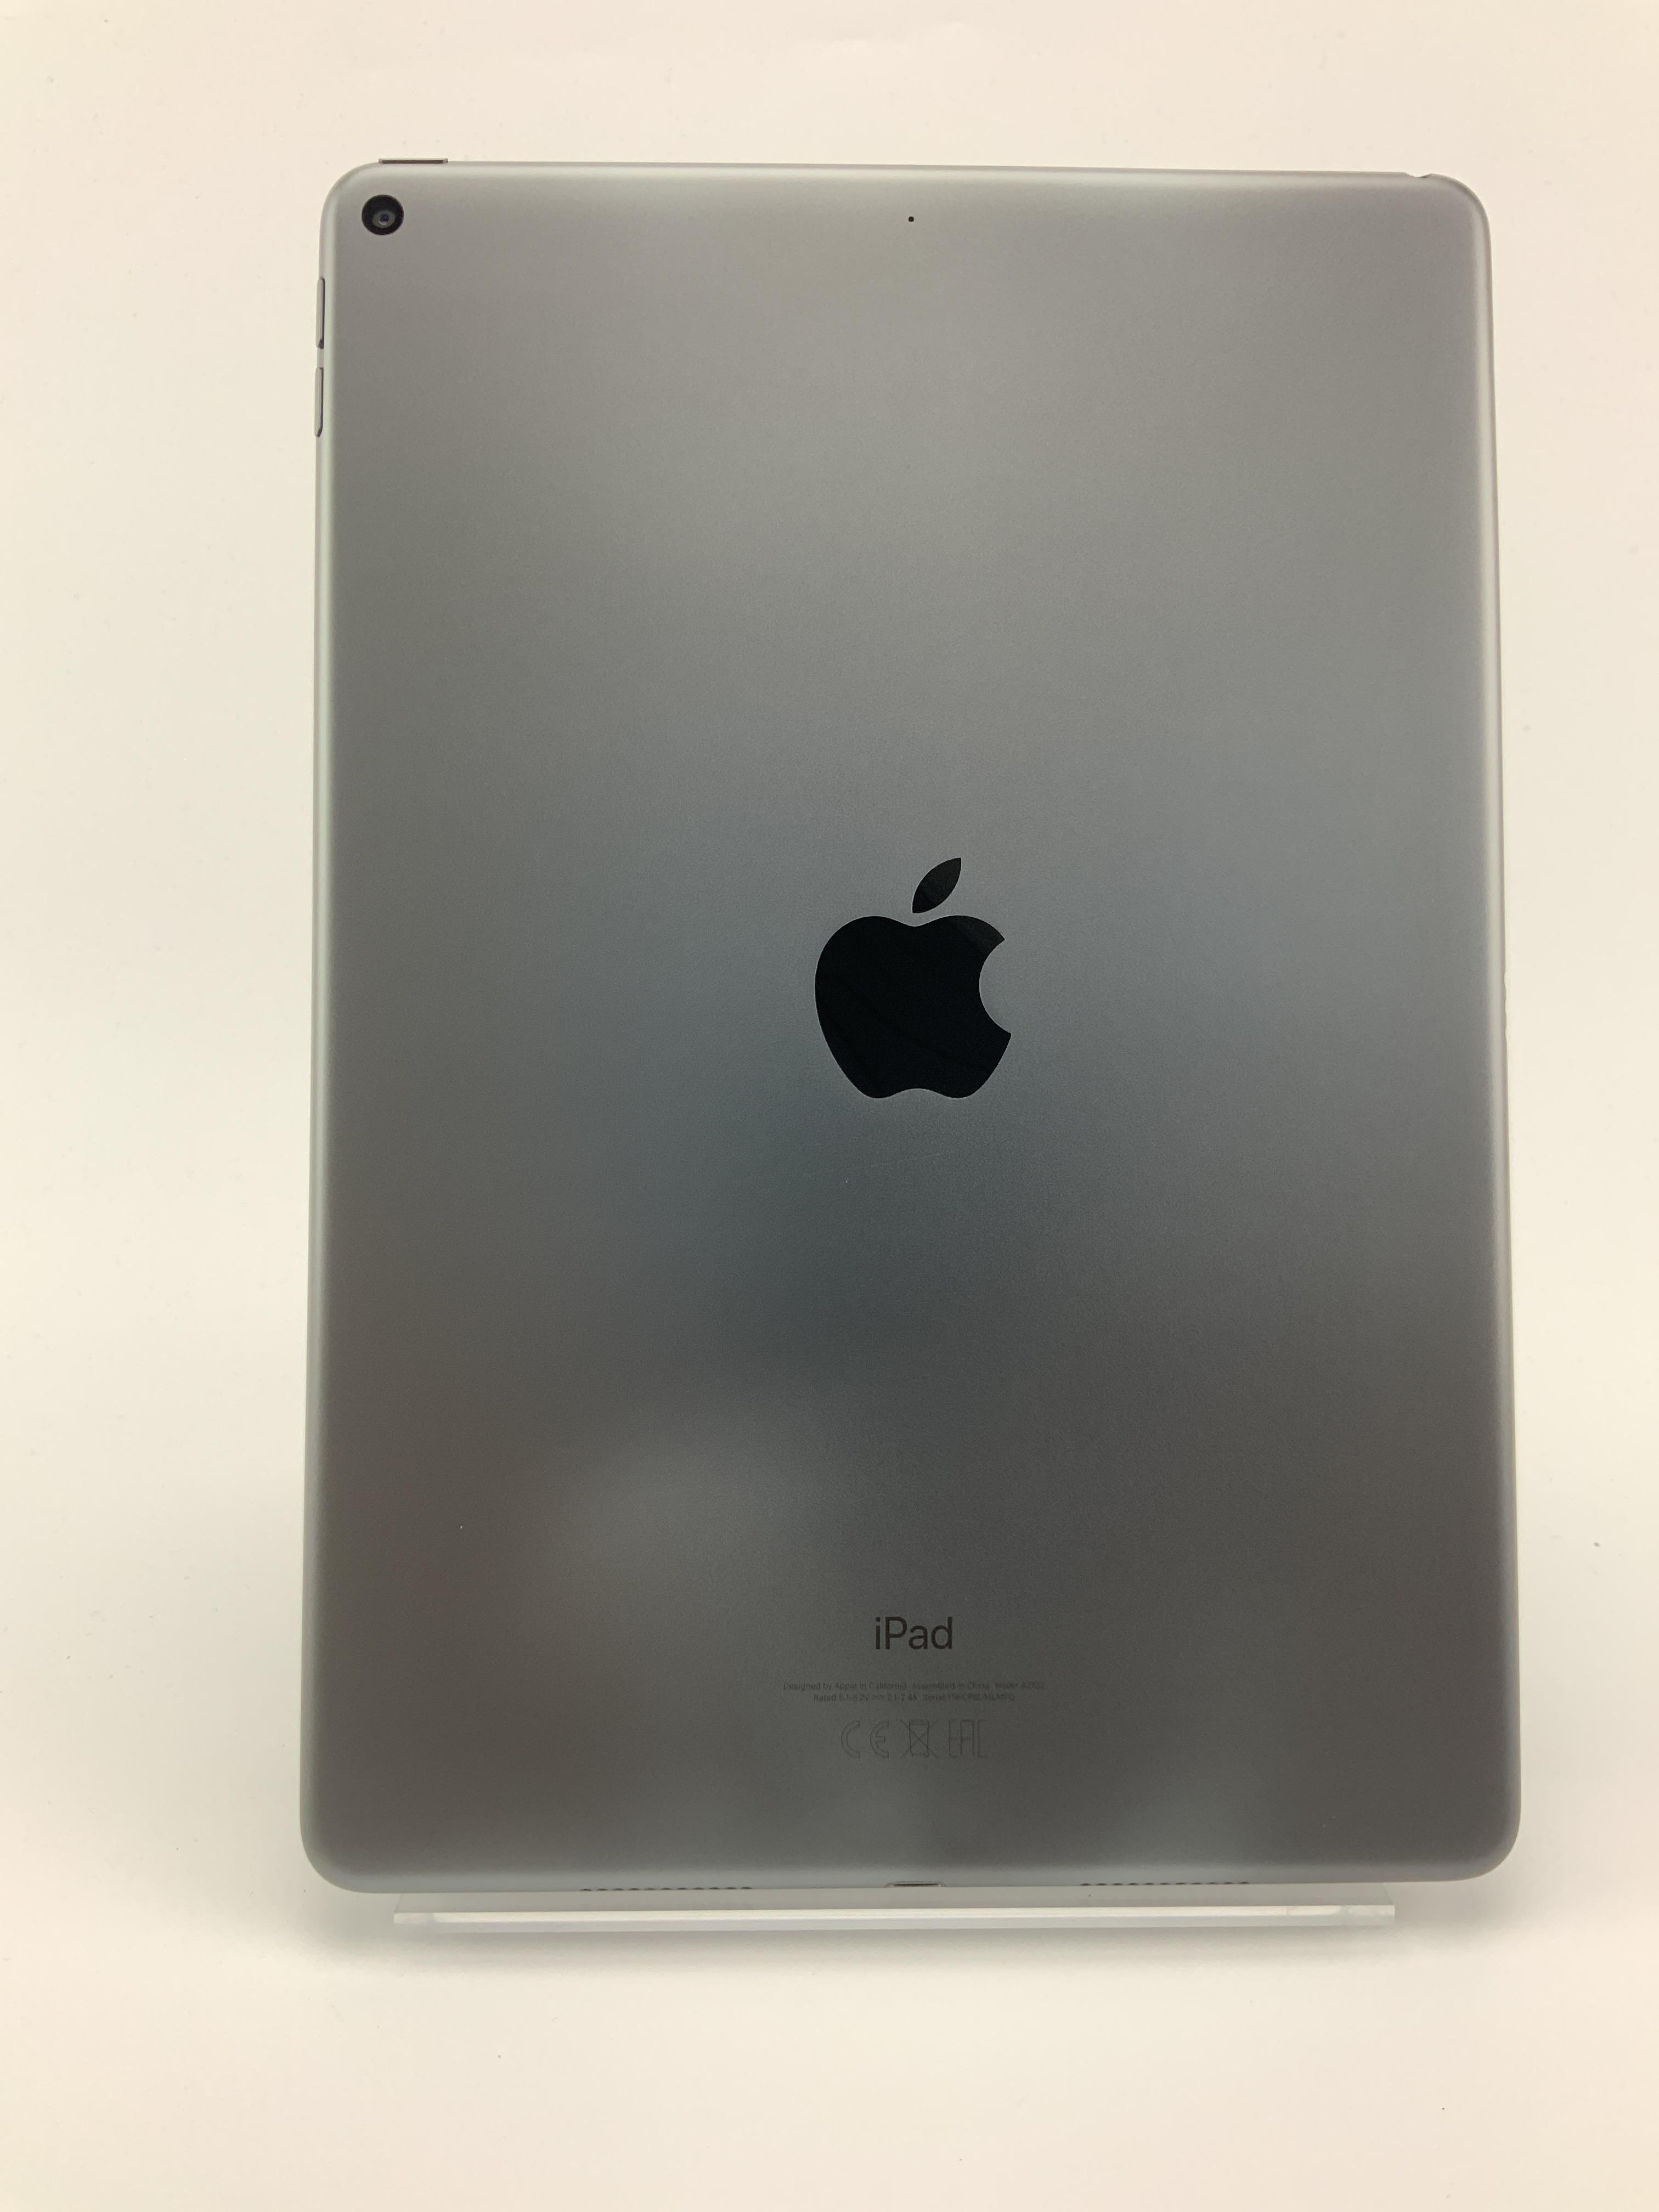 iPad Air 3 Wi-Fi 64GB, 64GB, Space Gray, image 2